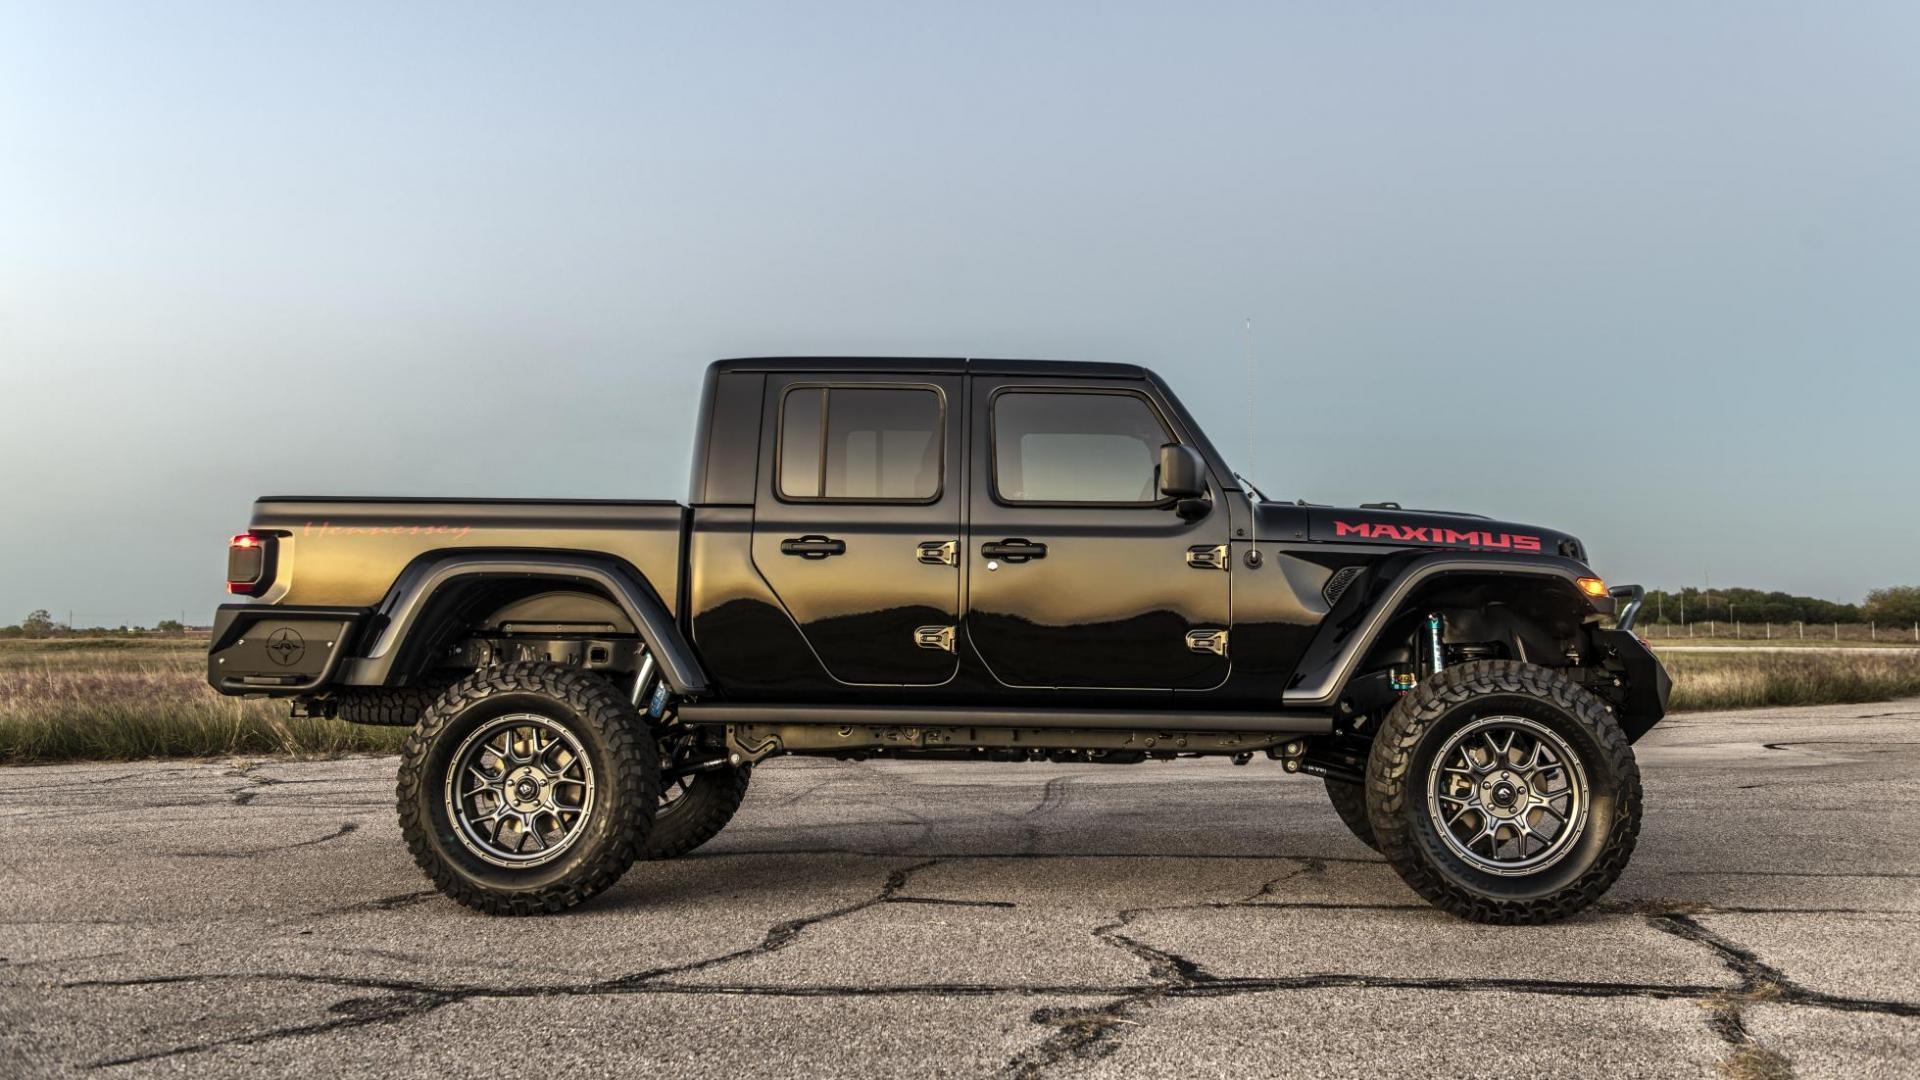 Hennessey Jeep Gladiator Maximus rechts recht zij